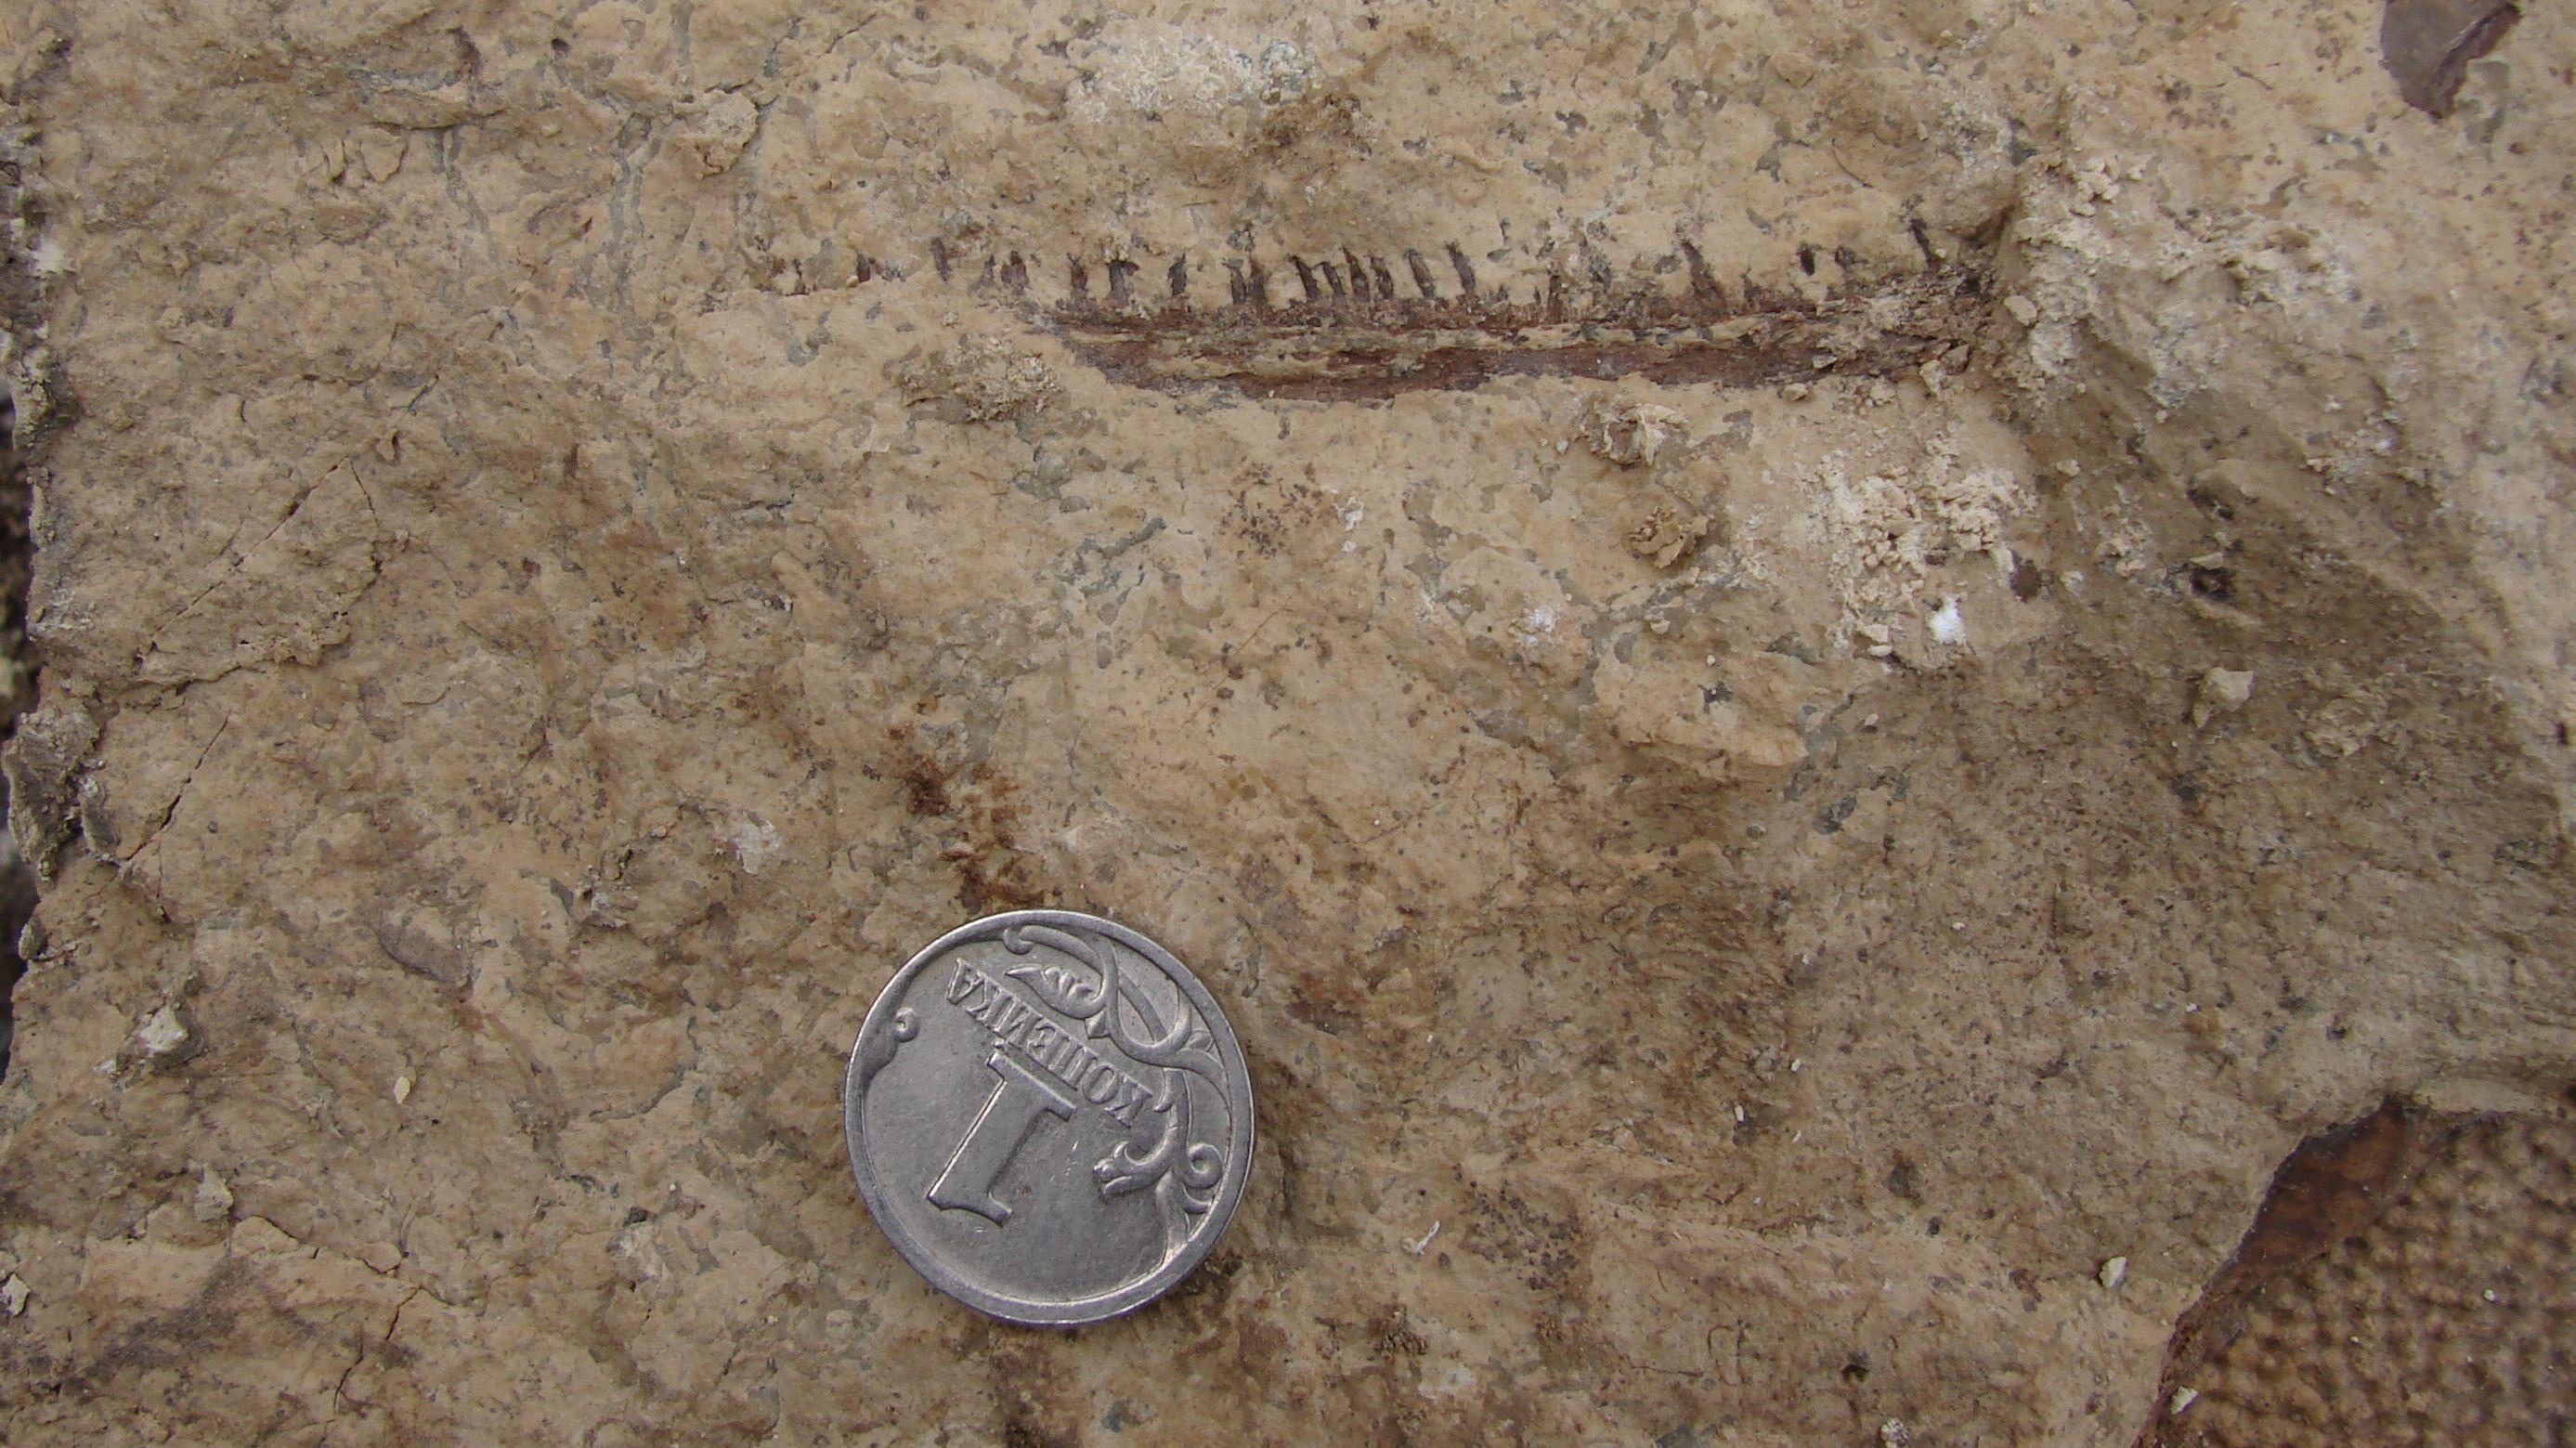 Kiefer Und Zähne des frühen Tetrapoden Parmastega aelidae